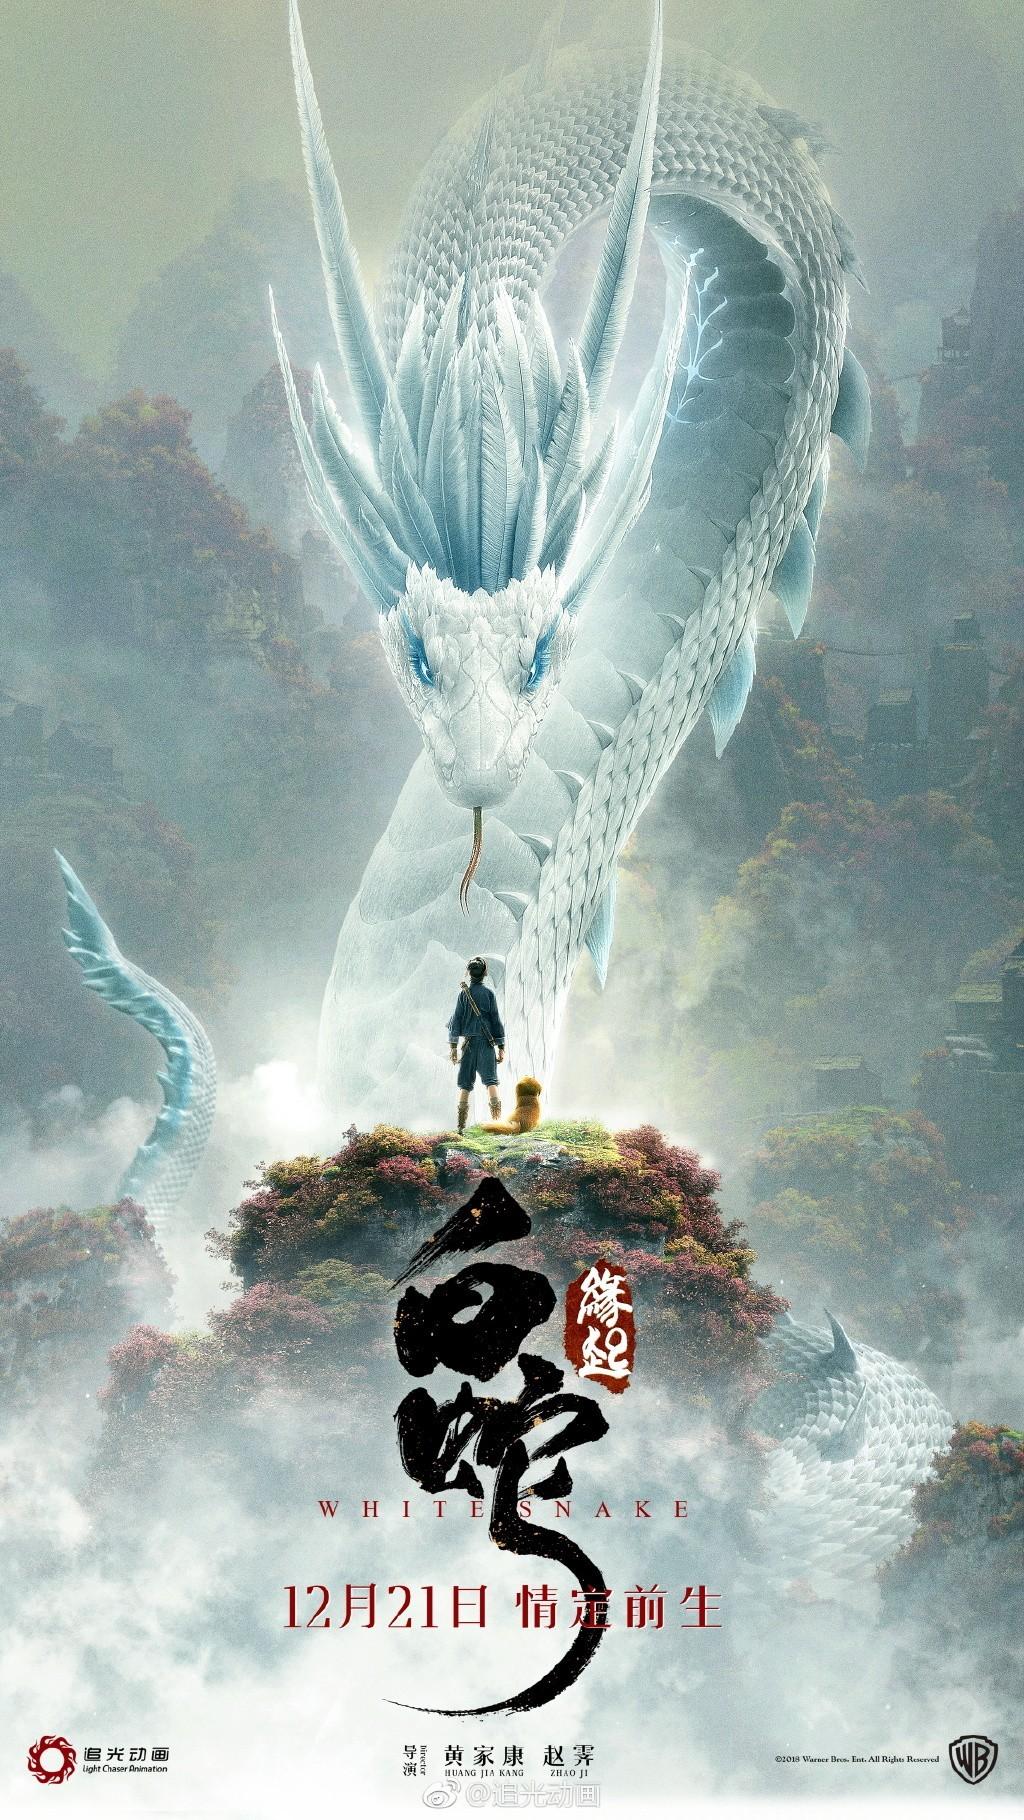 《阿基拉》4K修復版將在杜比影院上映 12月日本開播 – 呢哩呢哩動漫網